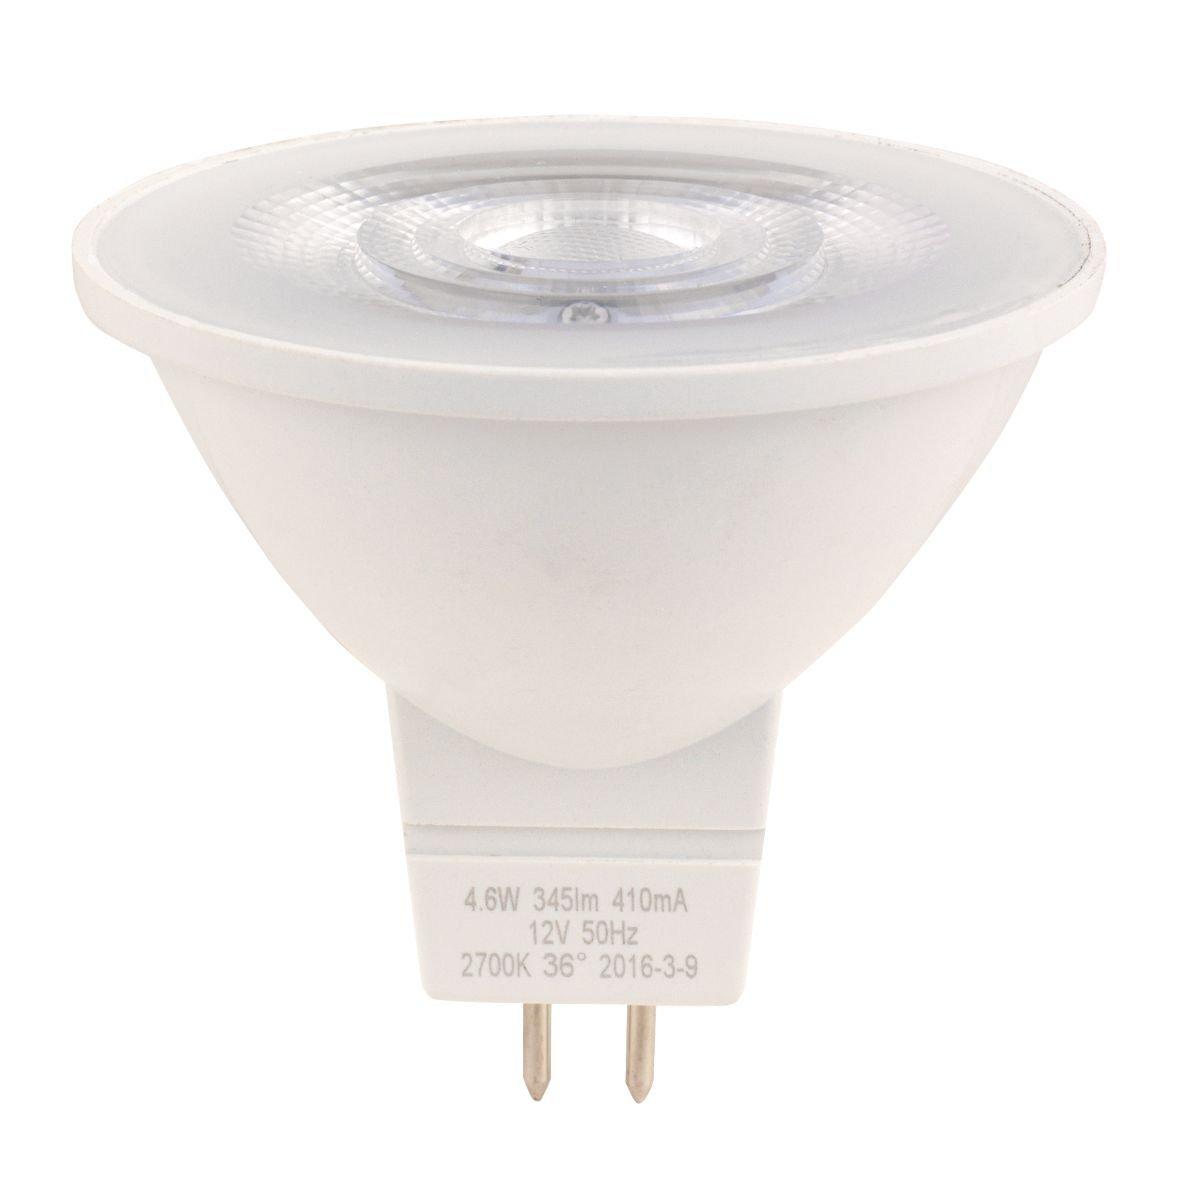 LAP MR16 LED Lamps GU5.3 230lm 2.9W 5 Pack